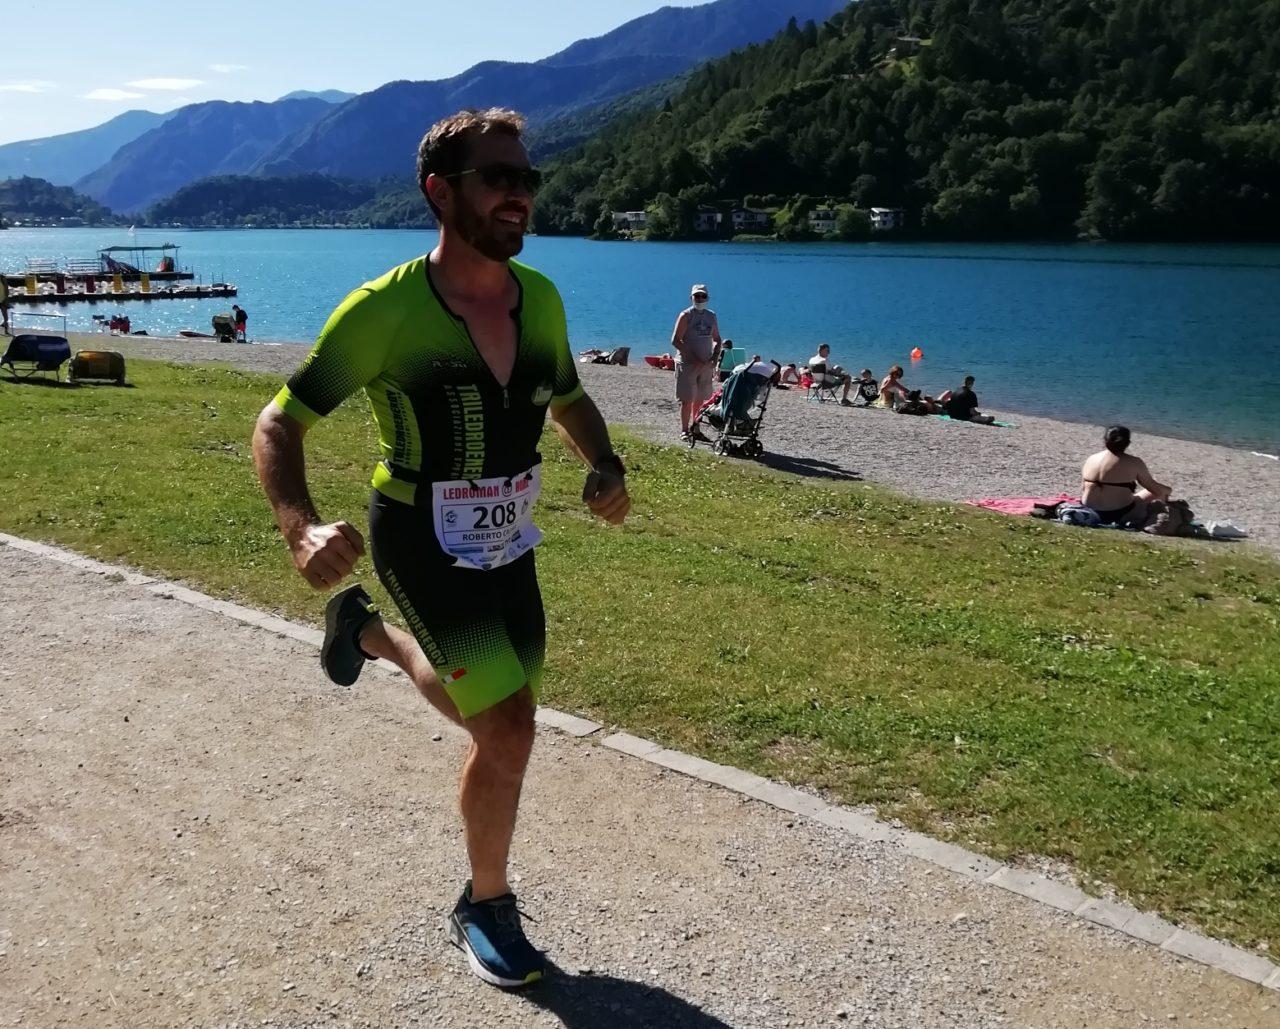 LEDROMAN@HOME-un-partecipante-2020-sul-lago-di-Ledro-e1594967503335-1280x1029.jpg